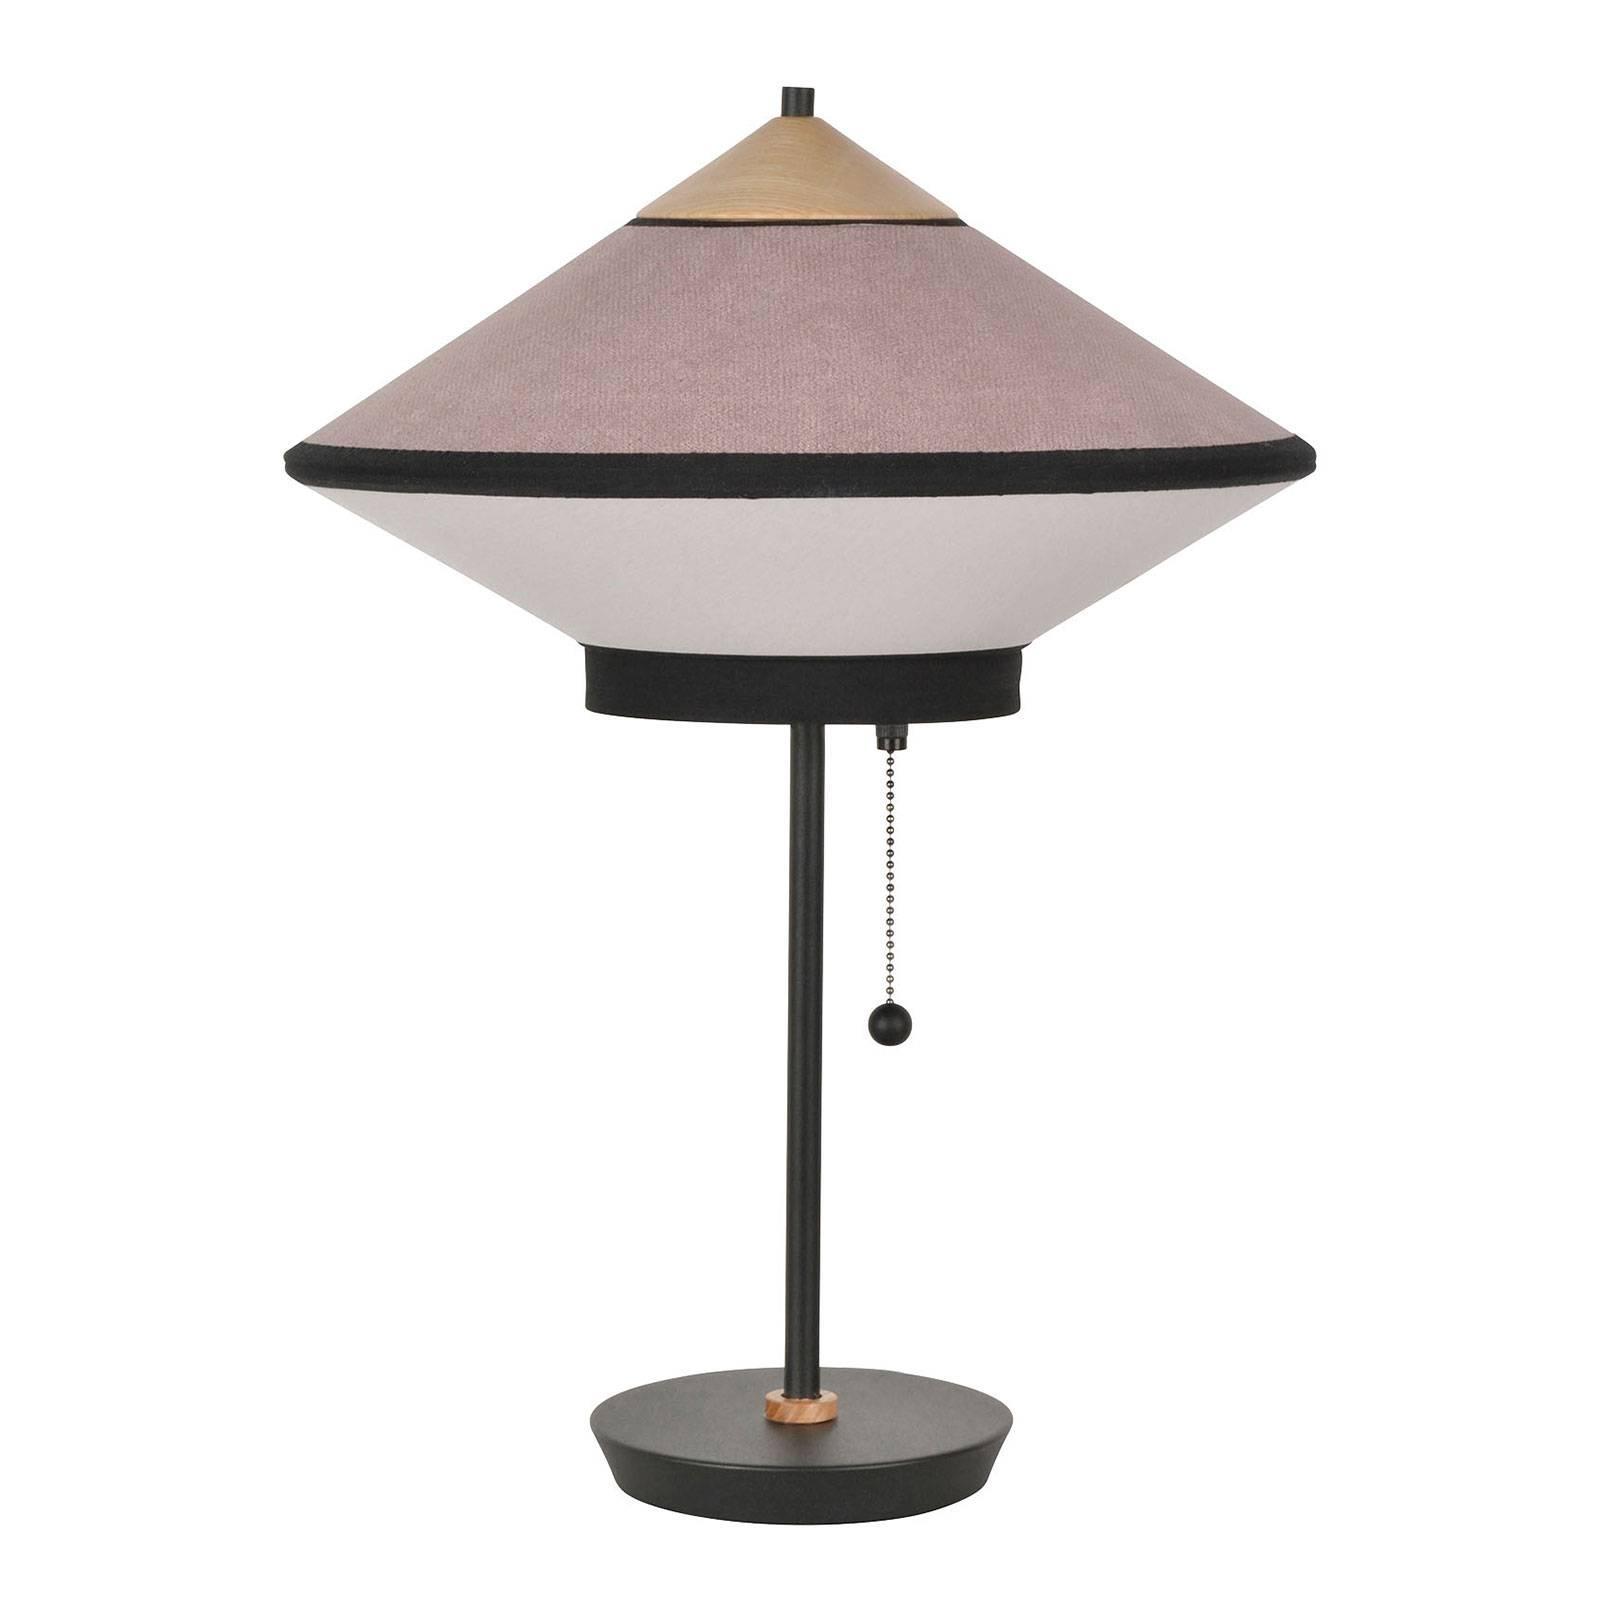 Forestier Cymbal S tafellamp, poederroze